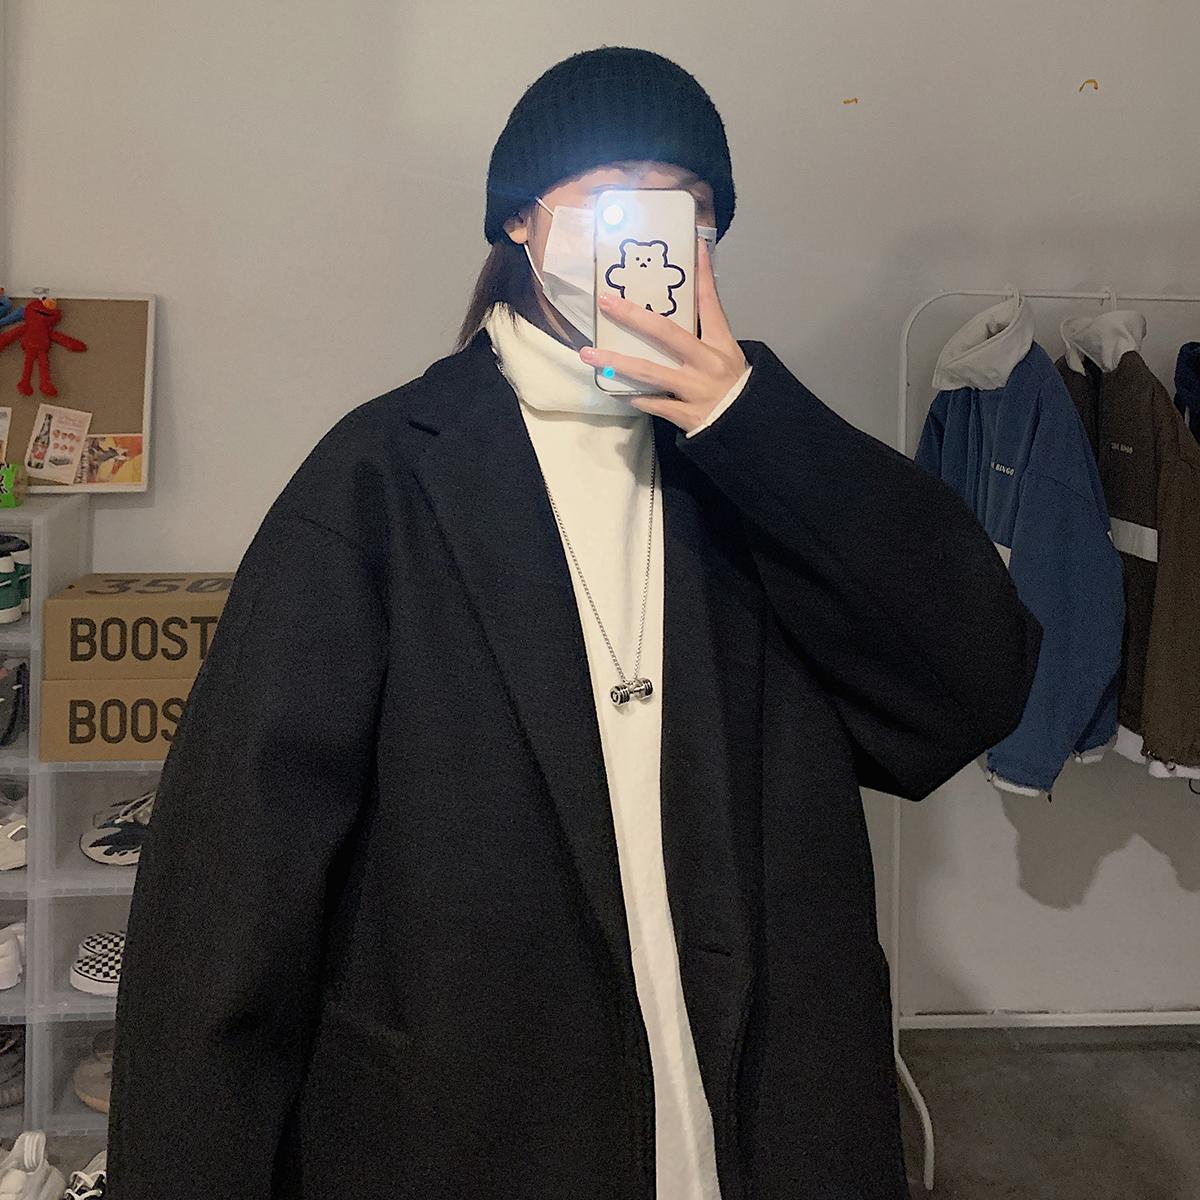 韩版尼料短款毛呢大衣男宽松夹克西装纯色外套XZ406-D9008-P108